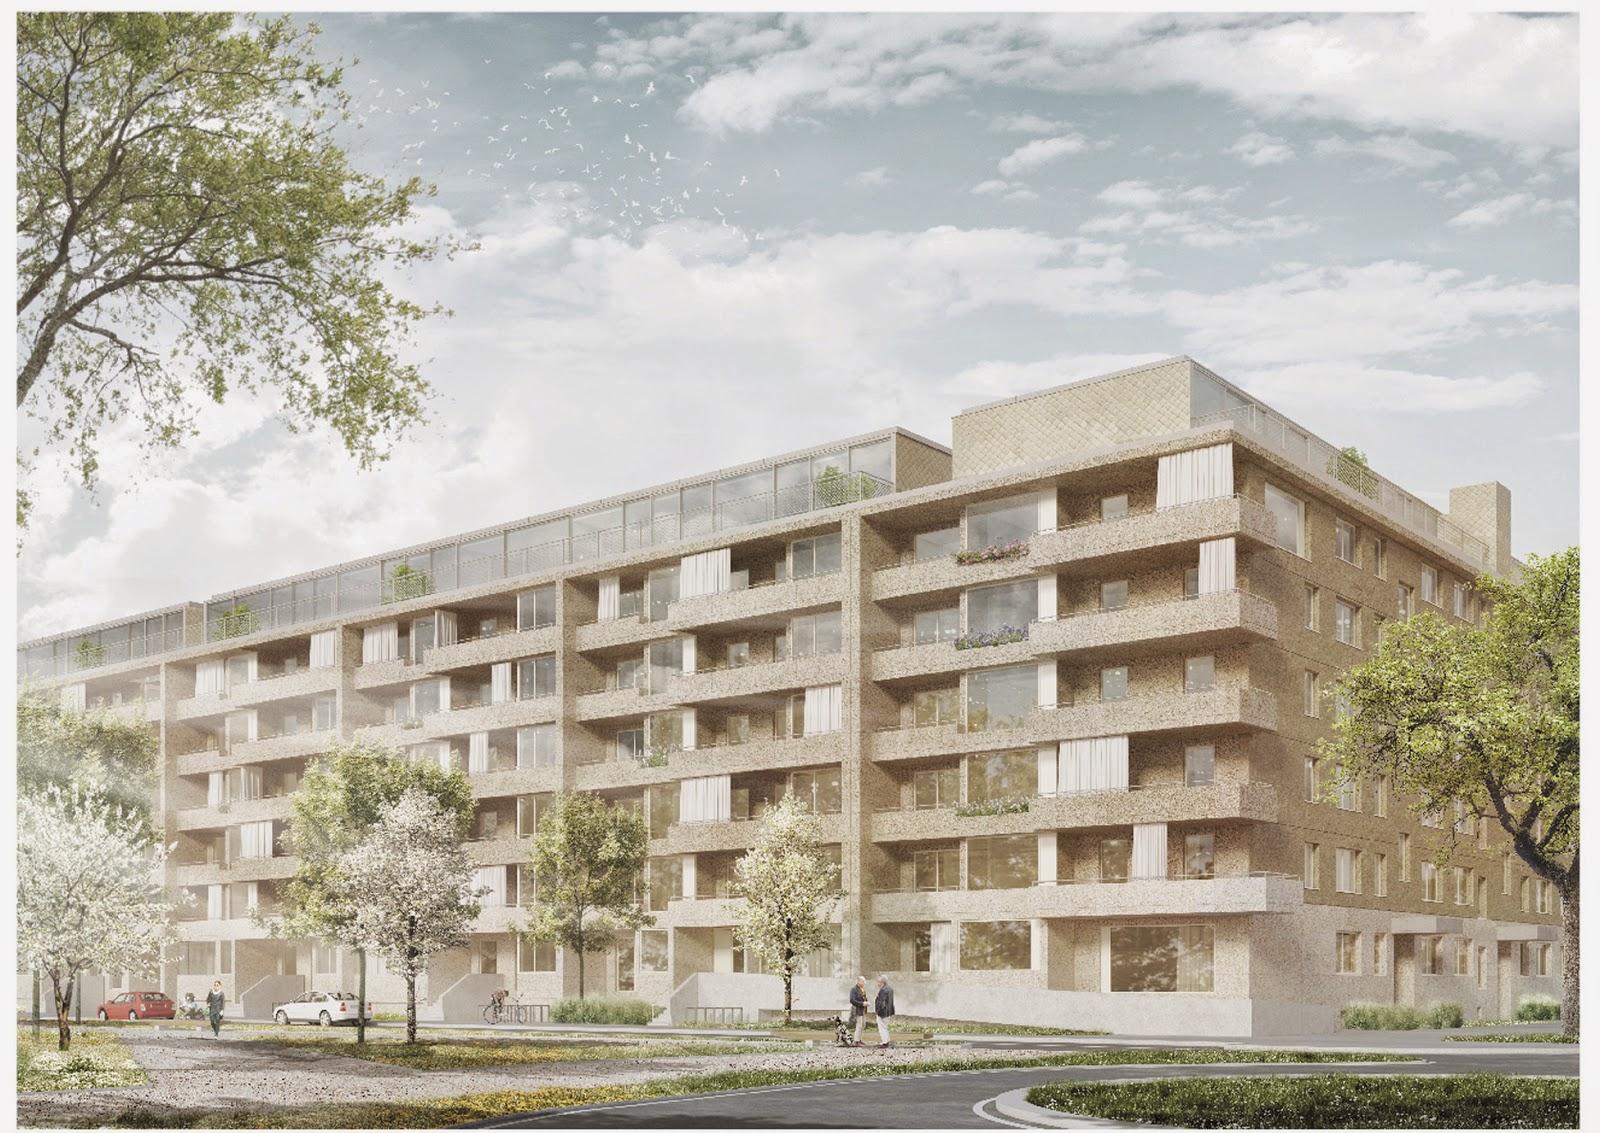 Landschaftsarchitektur München aktuelles aus der gartenstadt drewitz entwürfe für das quartier 8